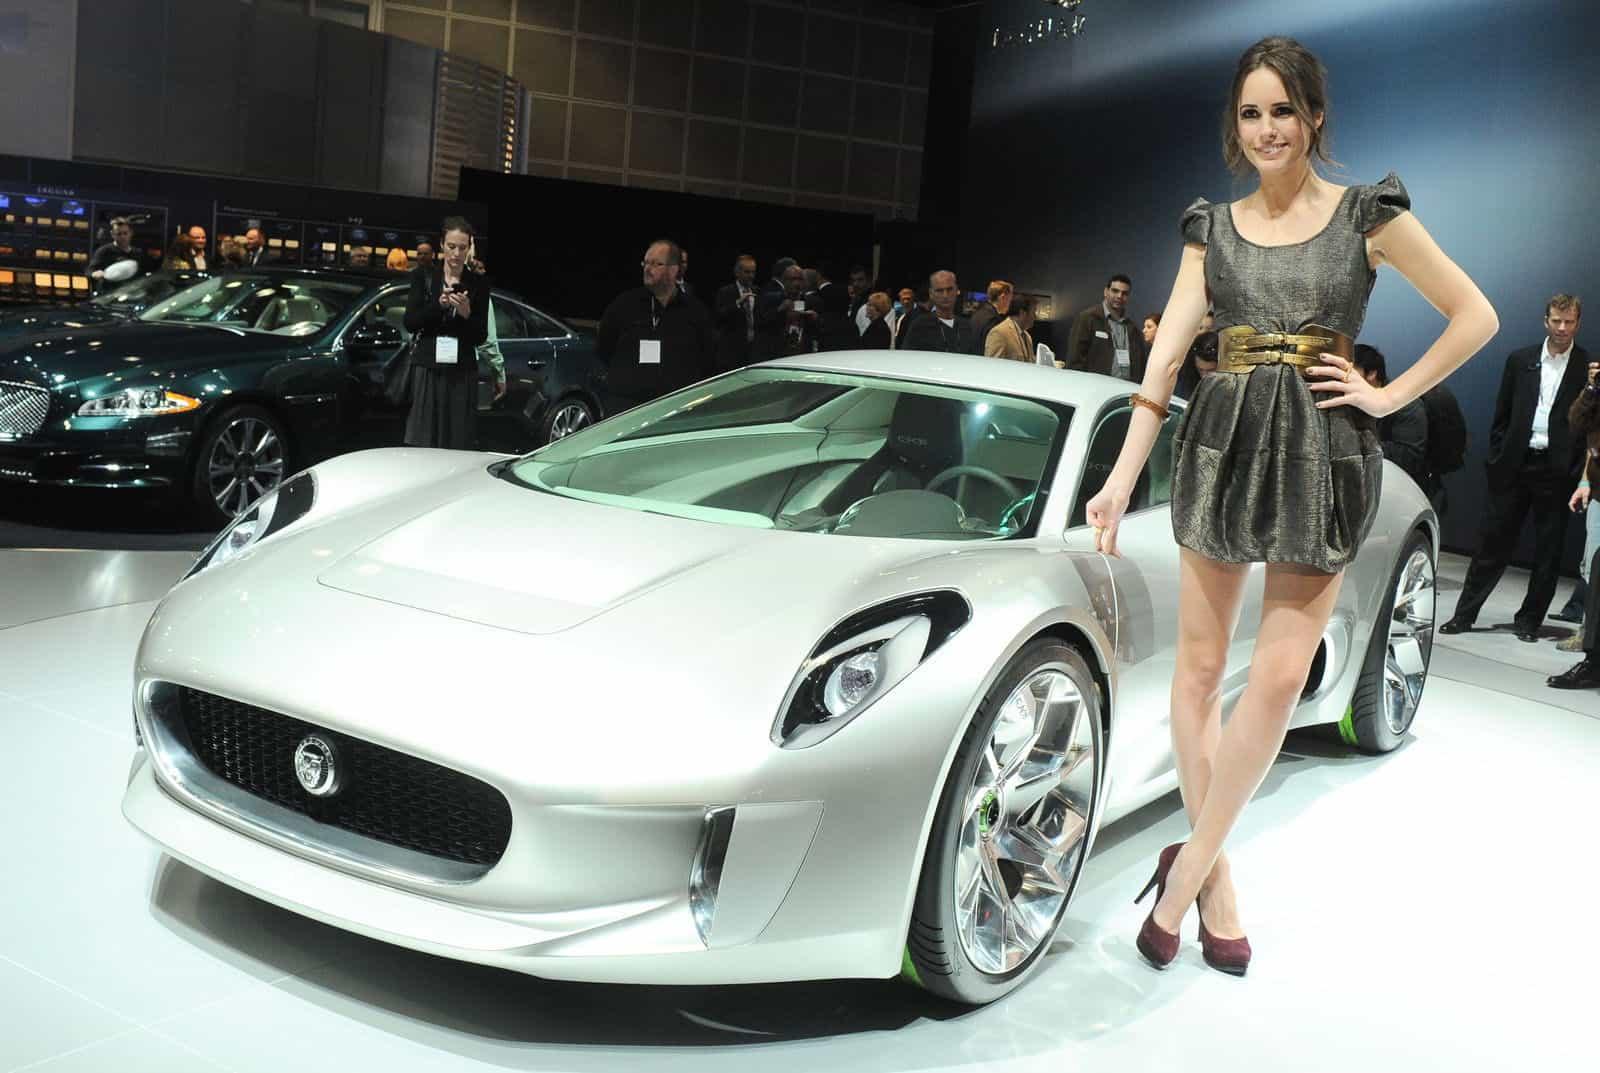 LA-Hot-Auto-Show-Girls-Jaguar